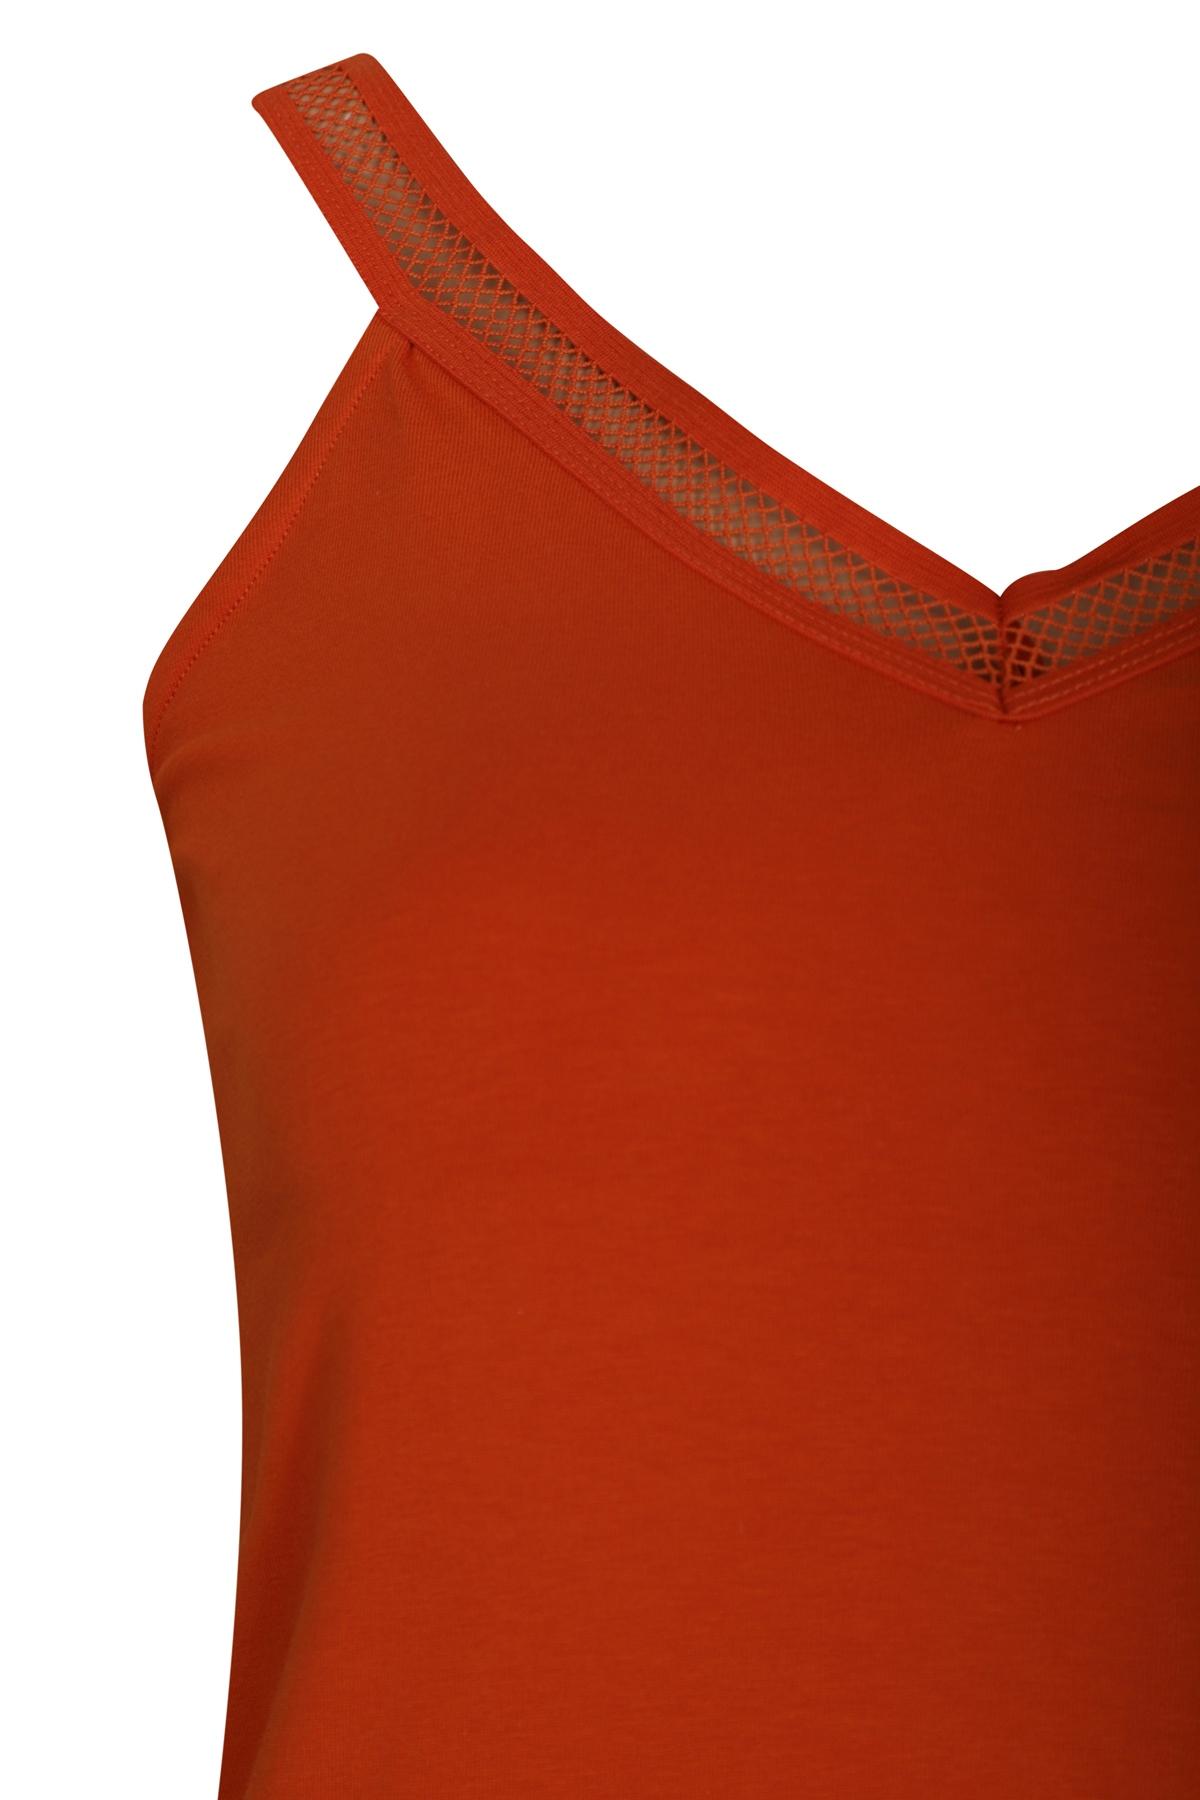 Tramontana Shirt - Top Oranje D22-94-403